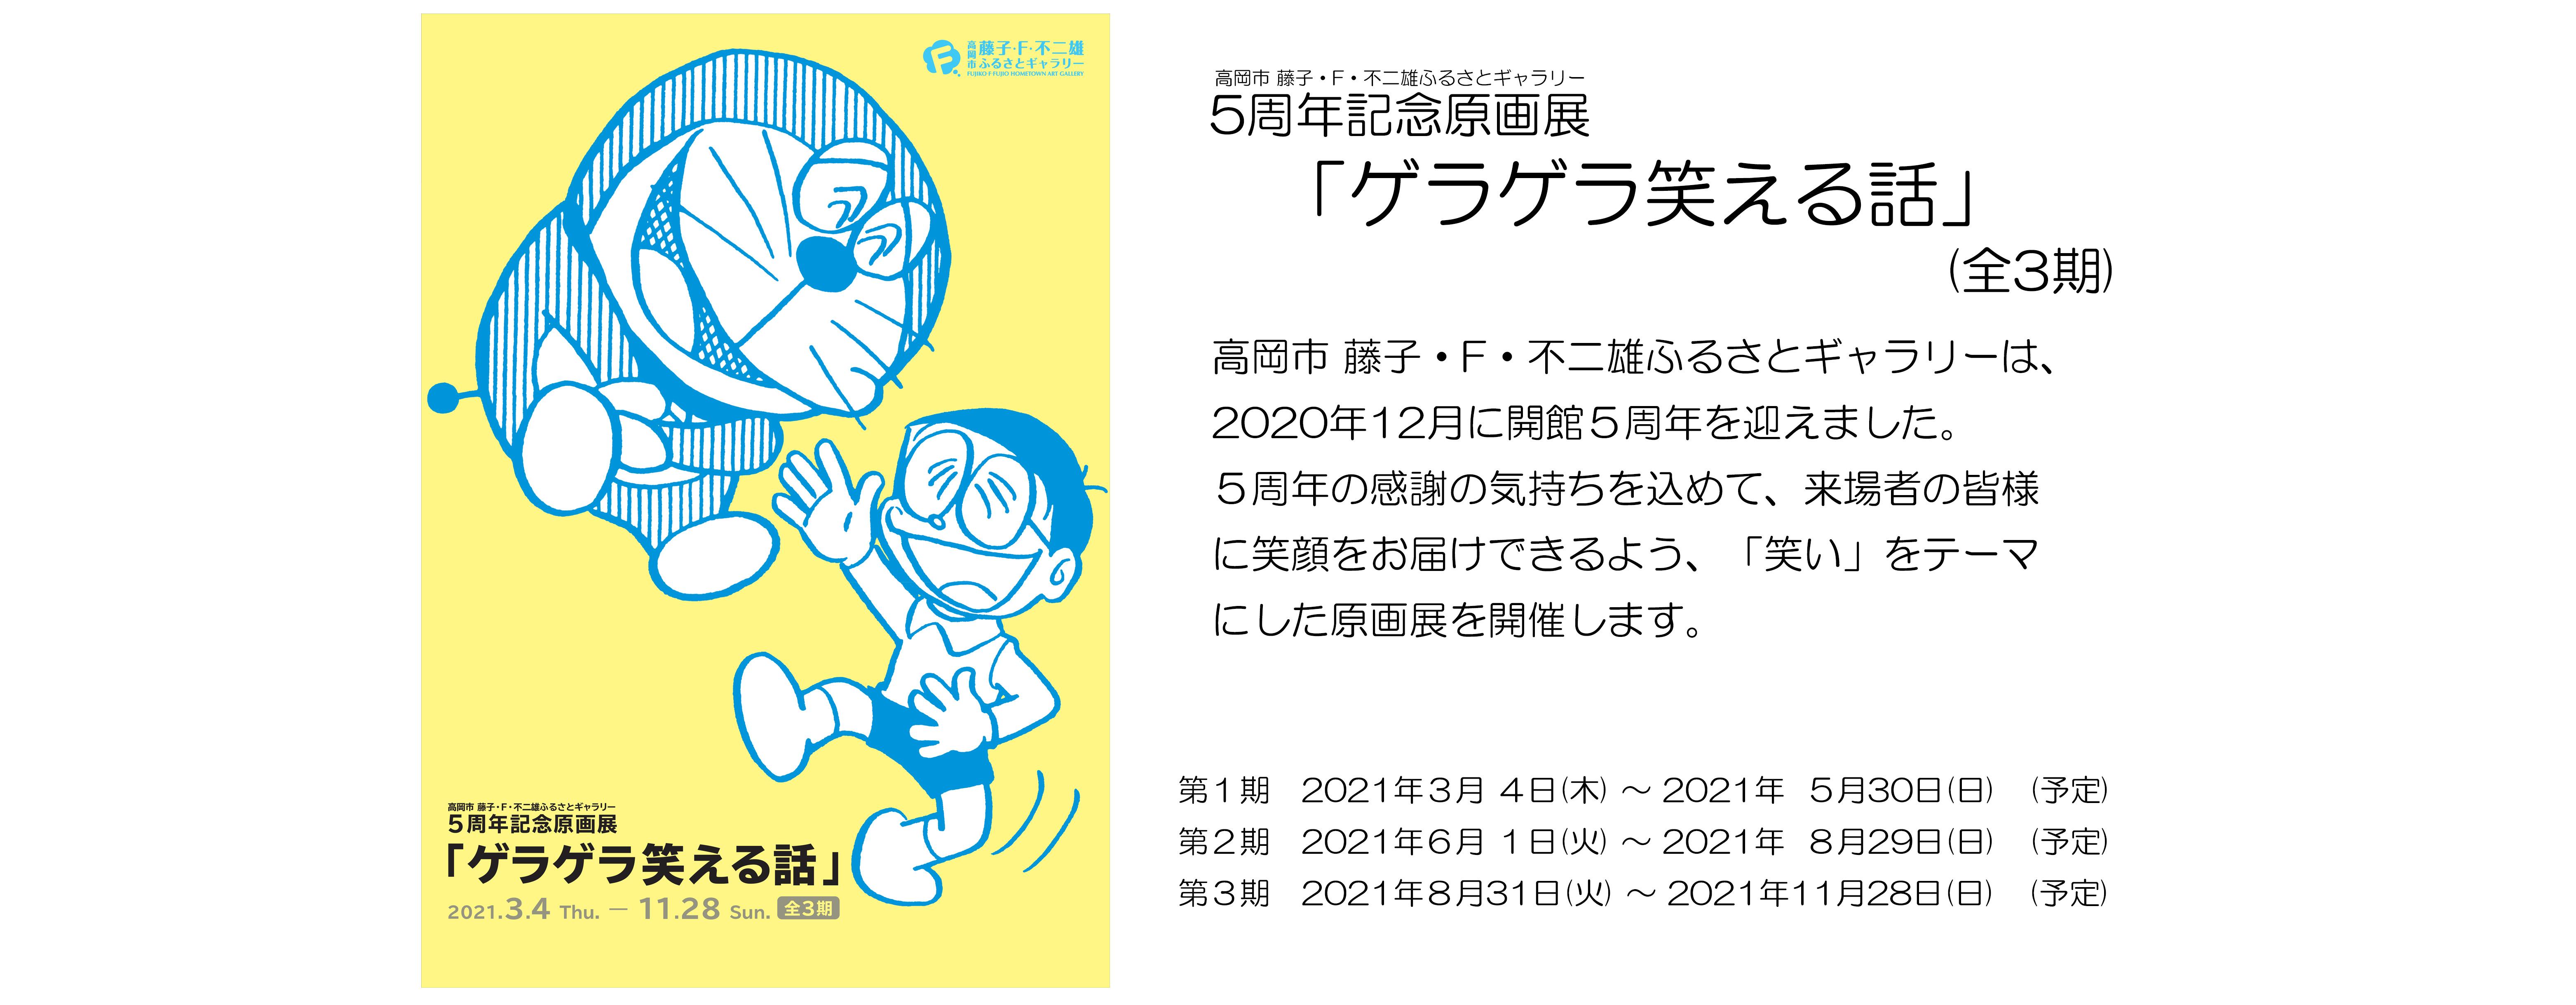 5周年原画展「ゲラゲラ笑える話」